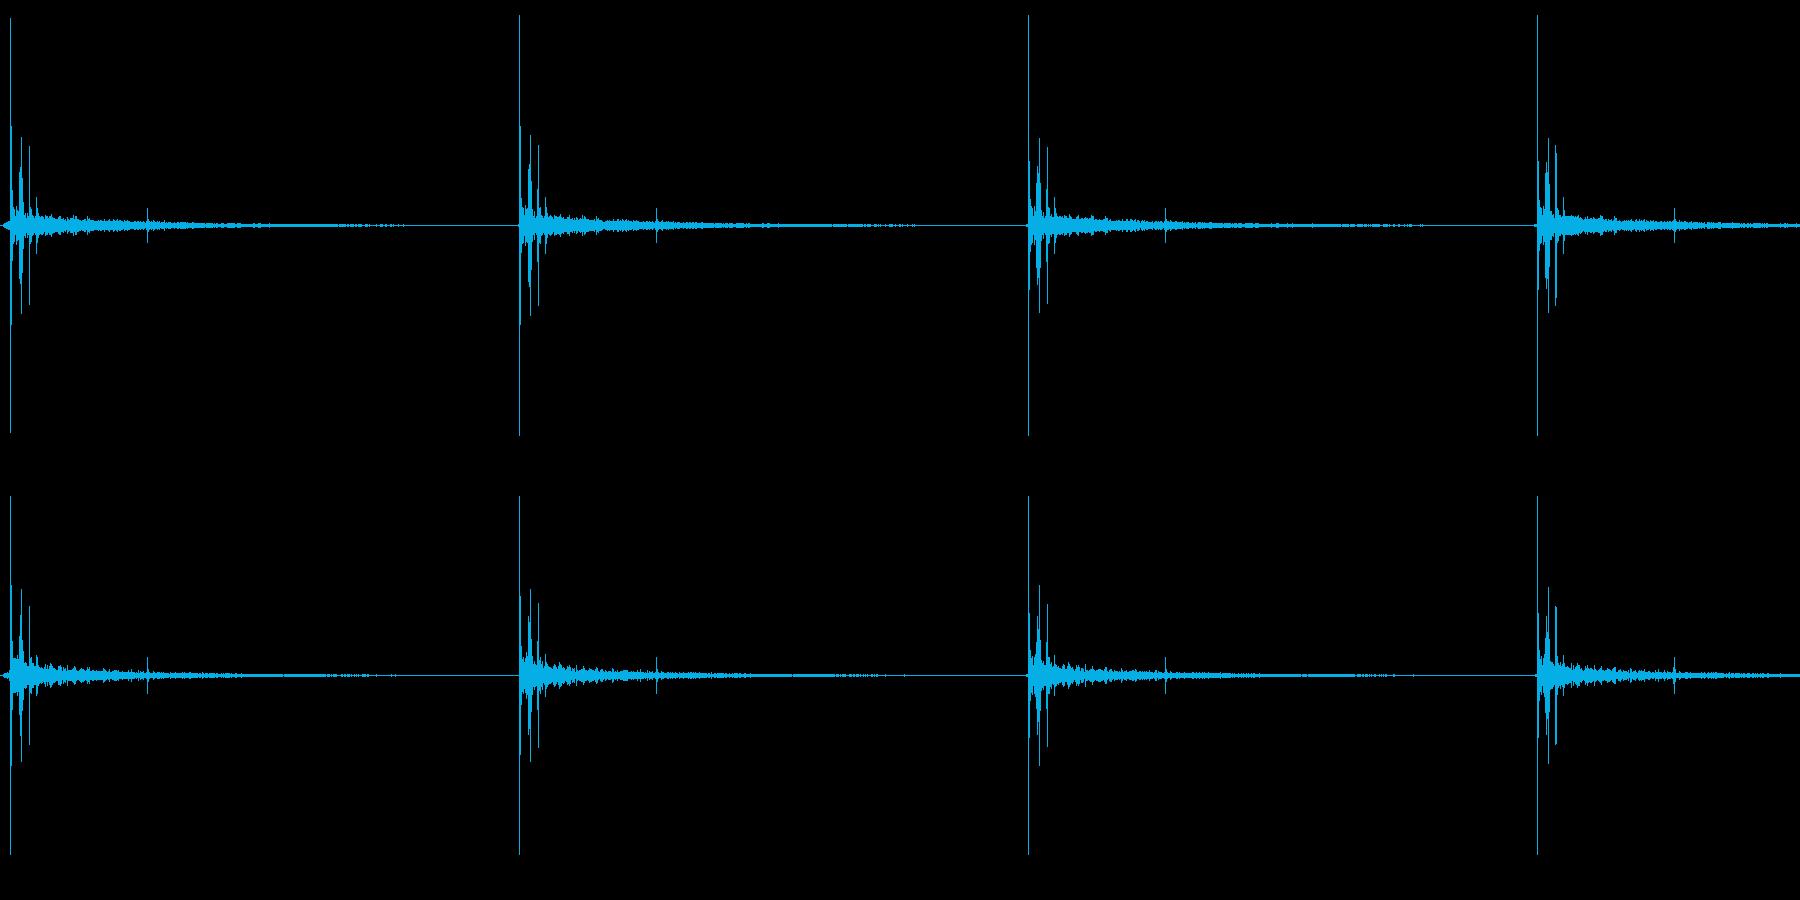 コツ、コツという足音ですの再生済みの波形